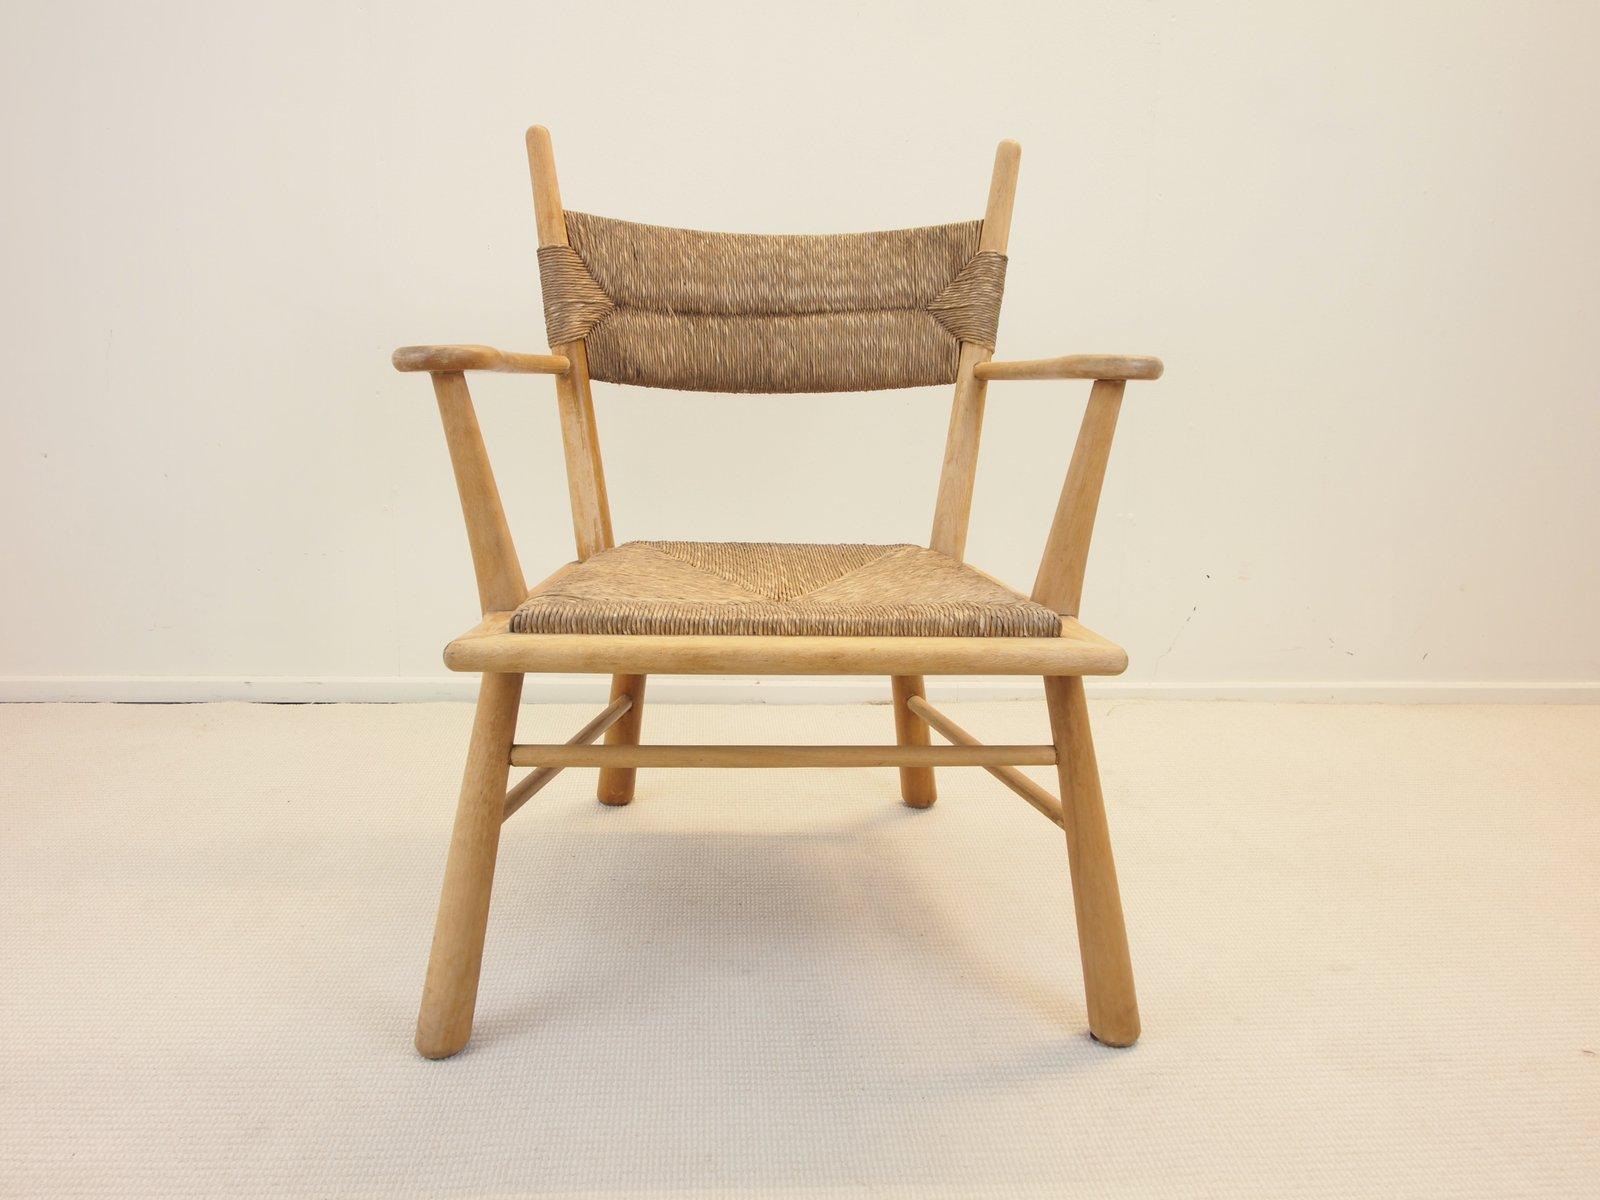 niederl ndischer mid century sessel bei pamono kaufen. Black Bedroom Furniture Sets. Home Design Ideas